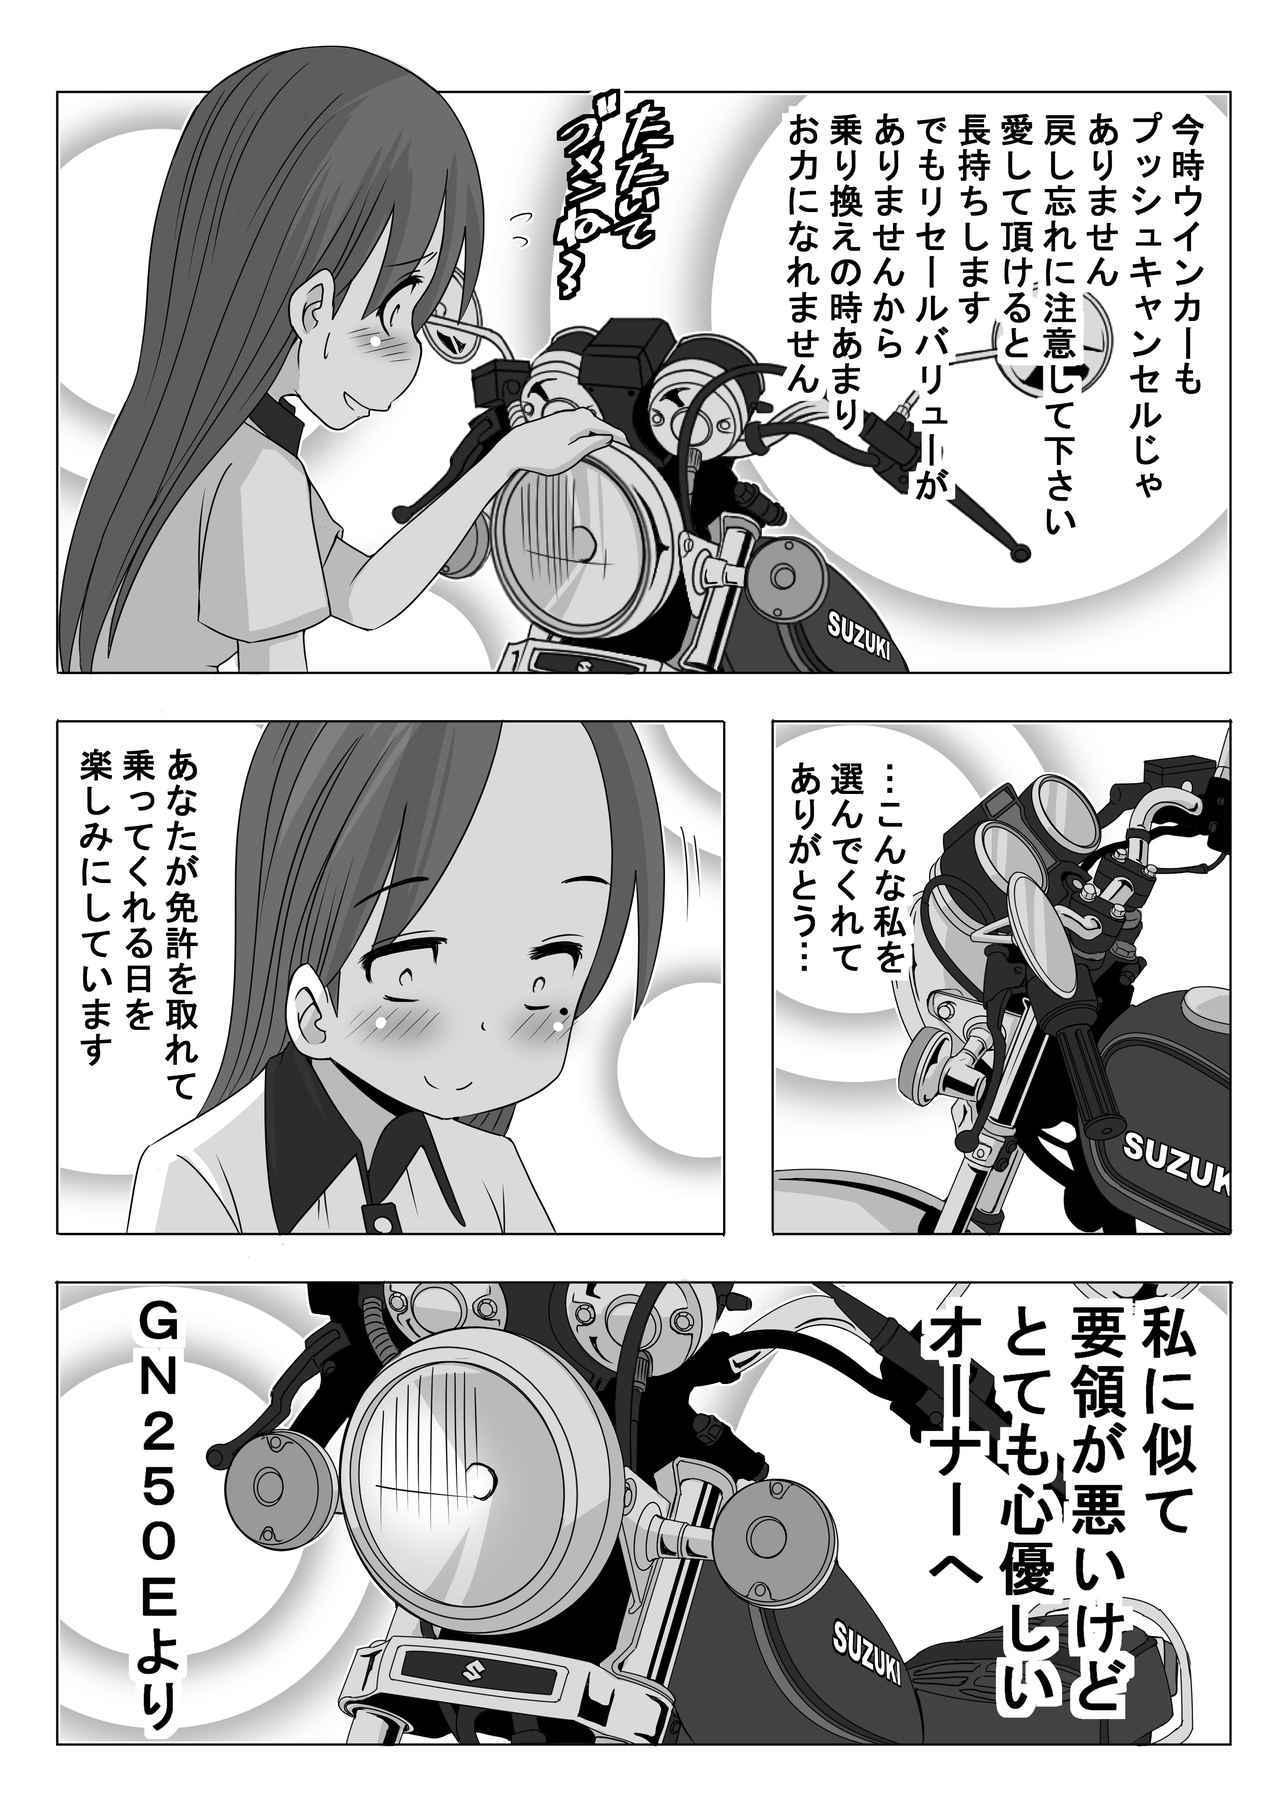 画像10: 【連載】馬場郁子がこよなくバイクを愛す理由(第九話:おバイクが人に似ているワケ)作:鈴木秀吉